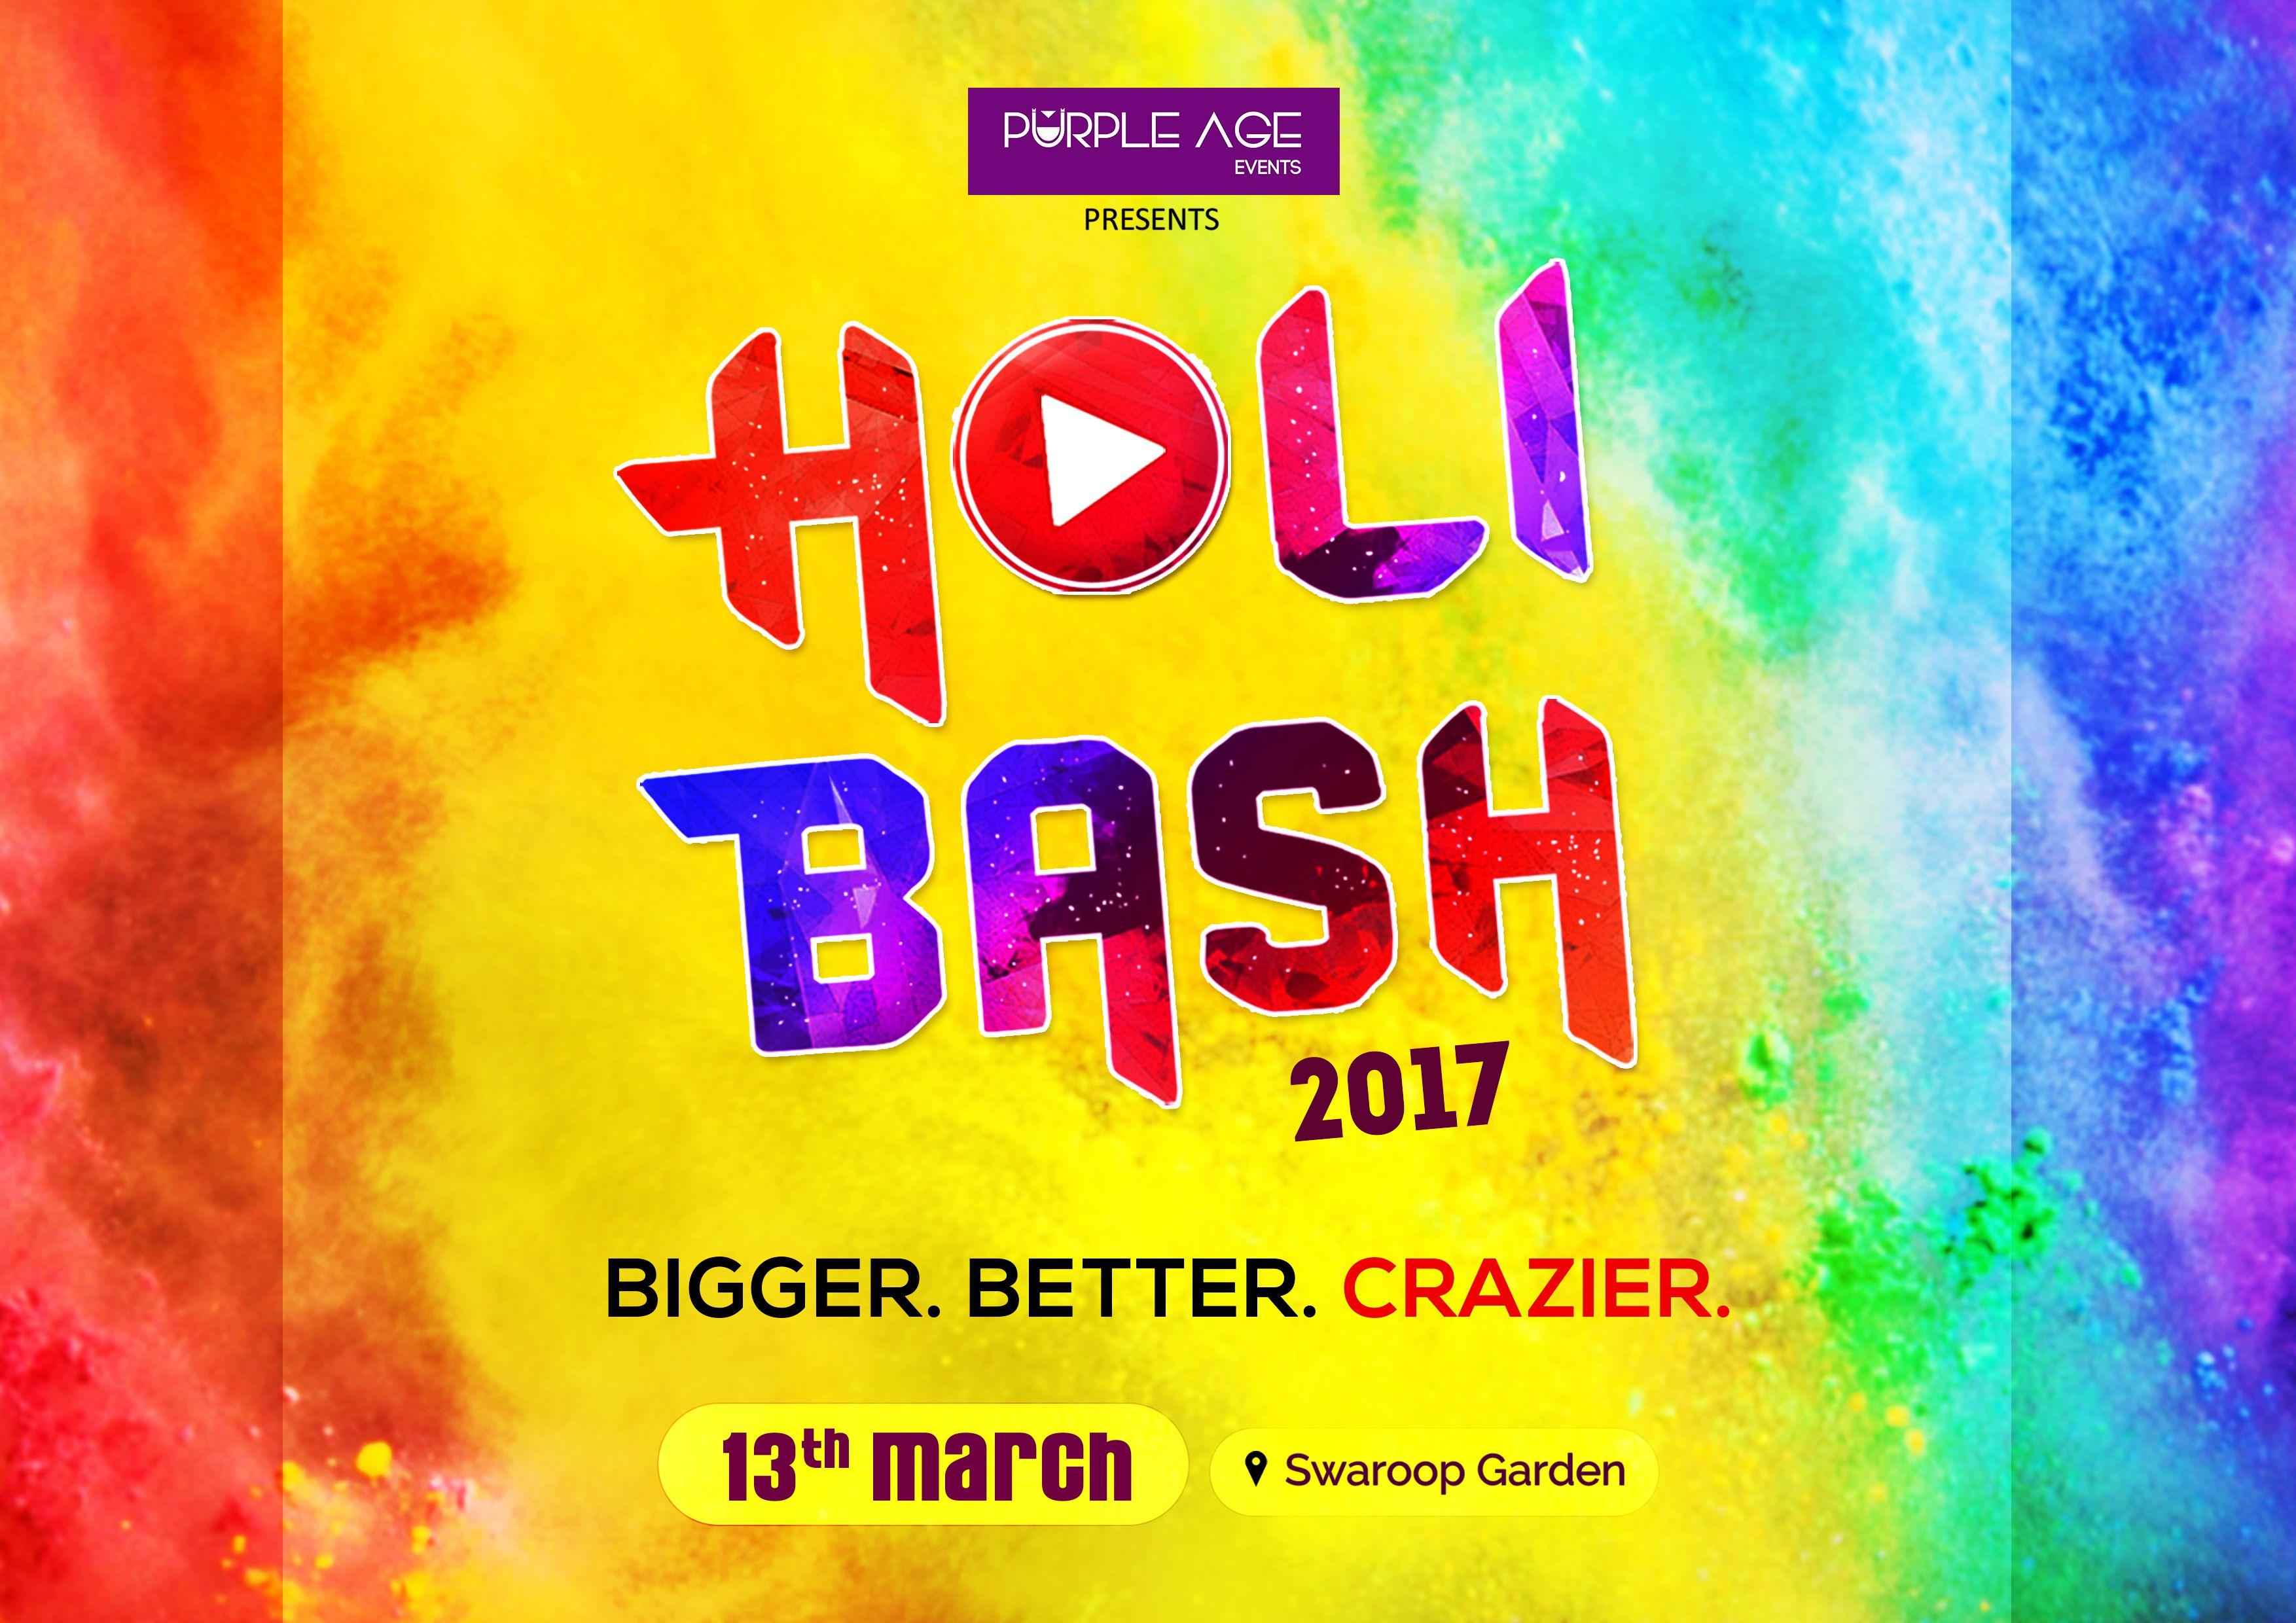 holi bash returns ! electrifying holi celebration @13th march 2017